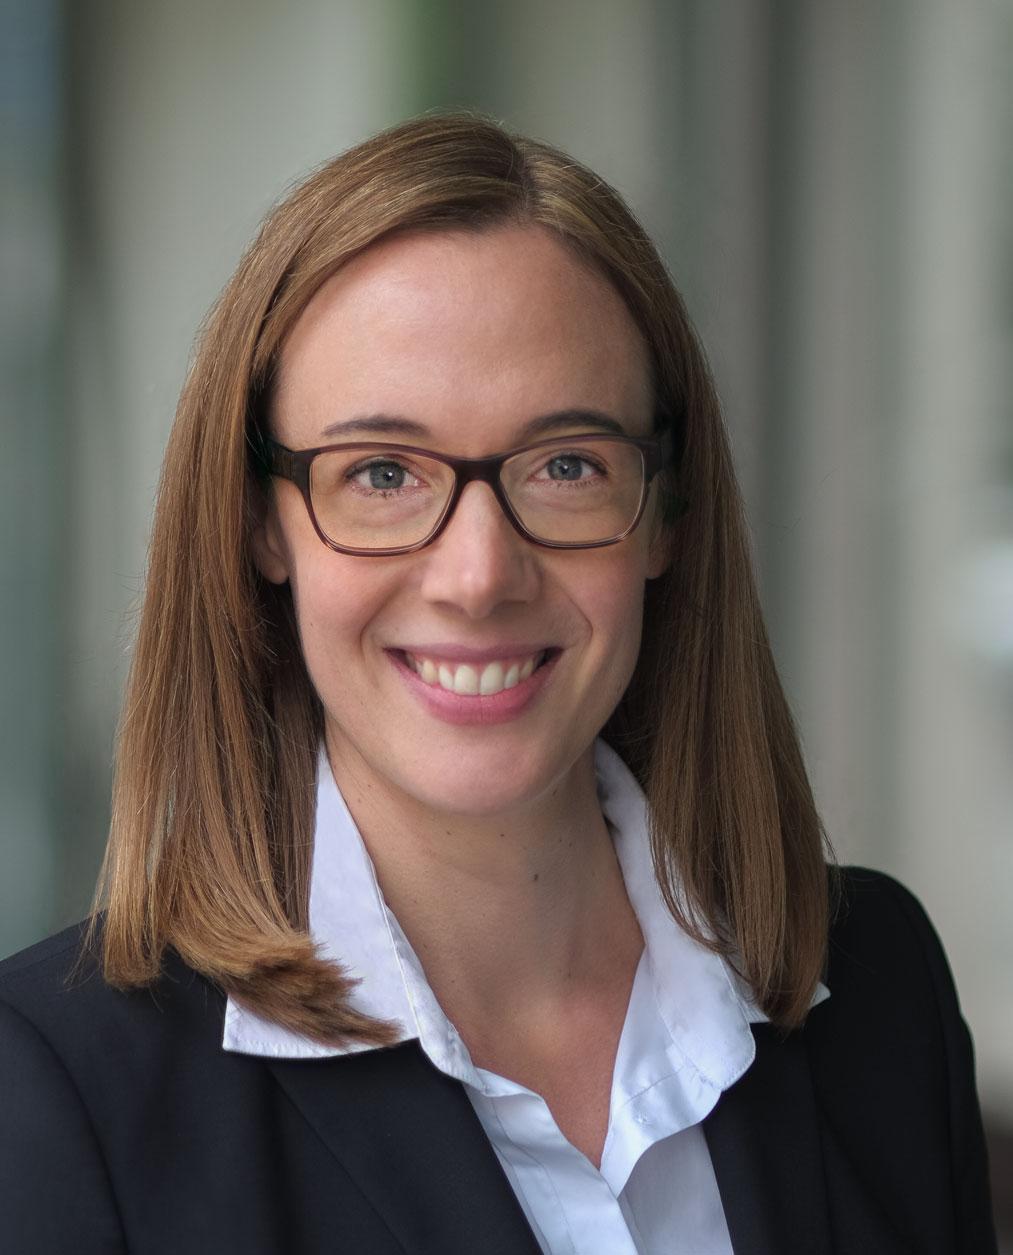 Prof. Dr. Elisabeth Beusker